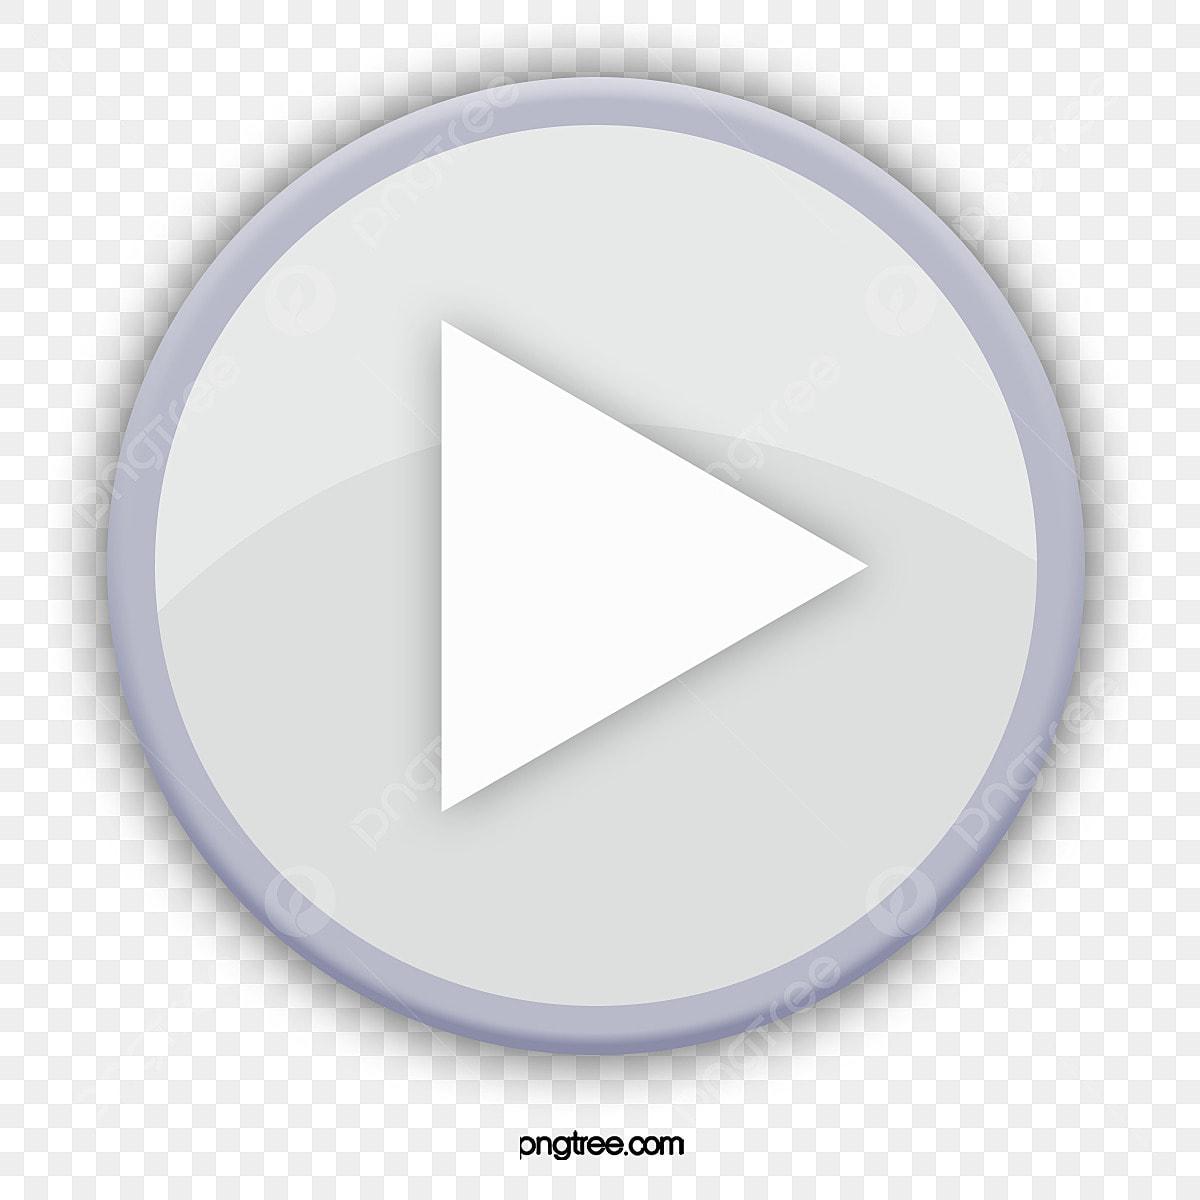 再生ボタン 灰色 ビデオ再生 ボタン画像とpsd素材ファイルの無料ダウンロード Pngtree